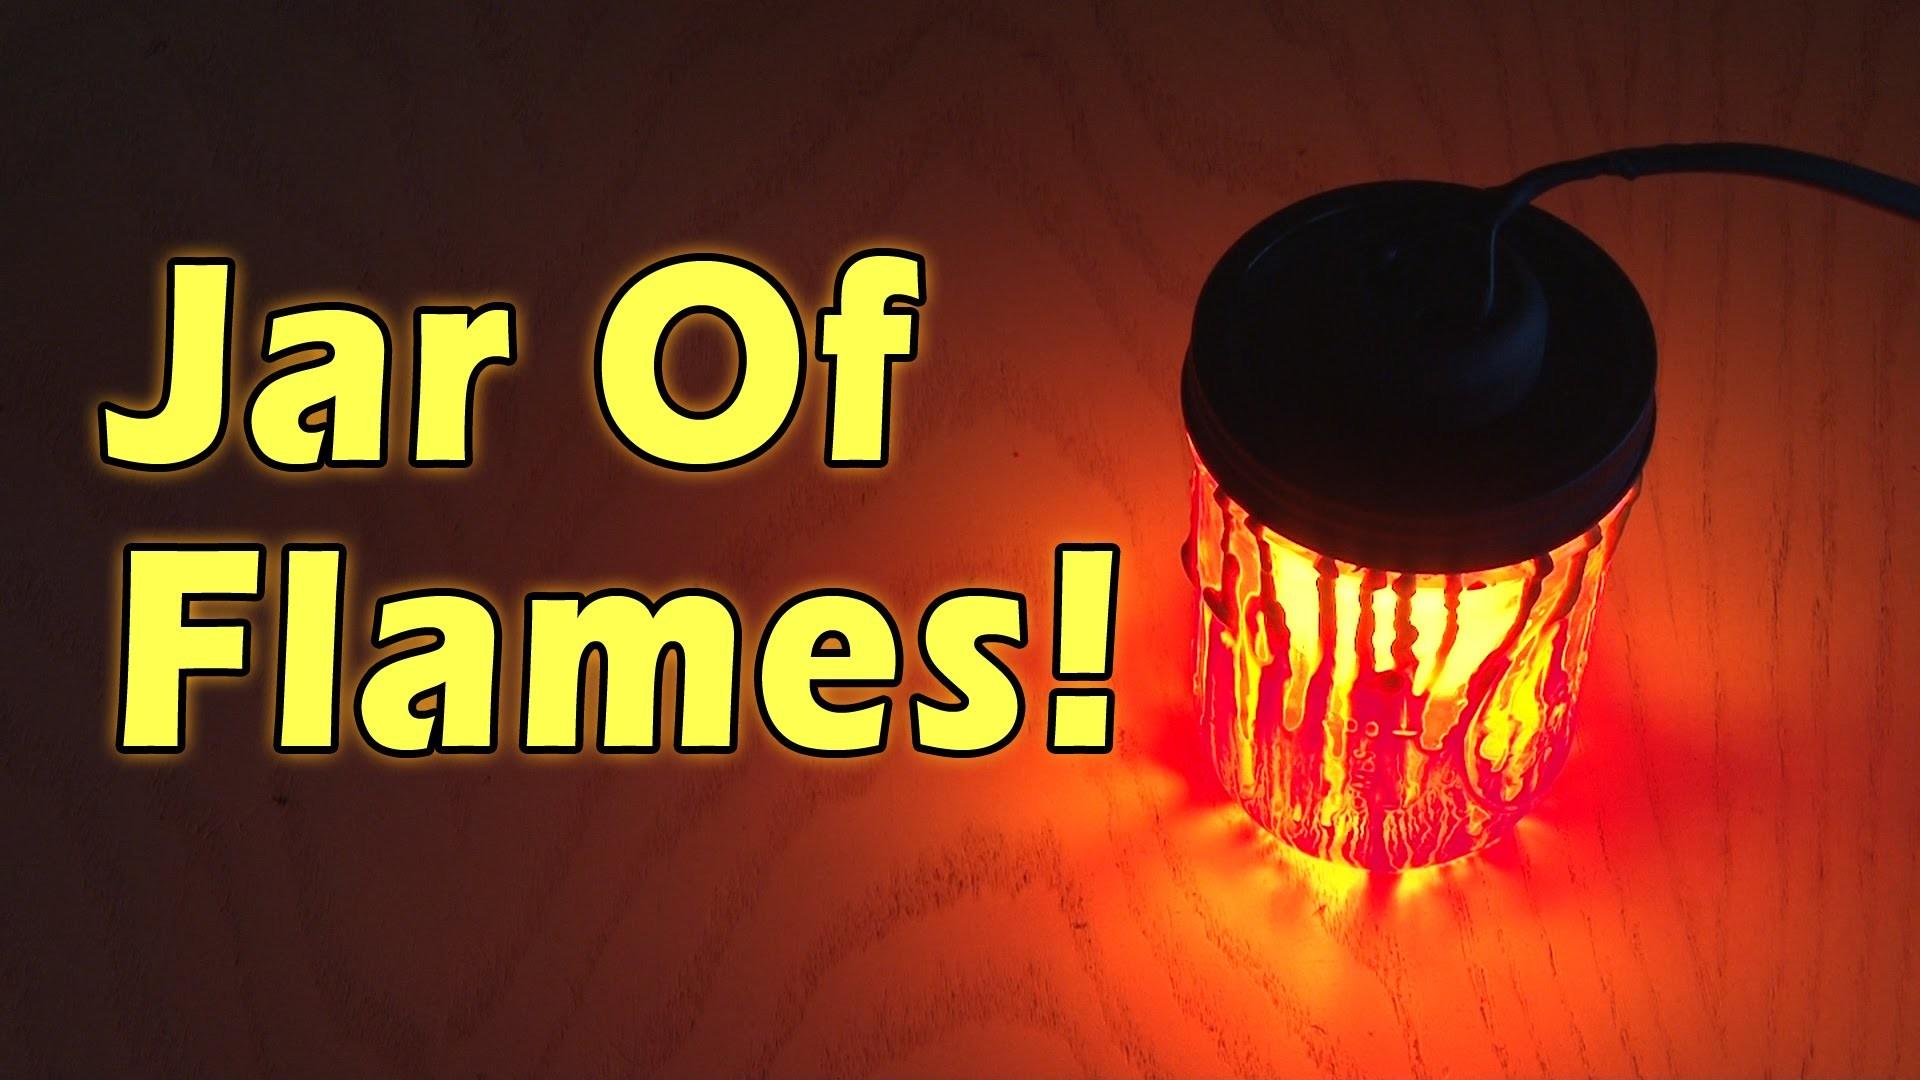 Jar of Flames!